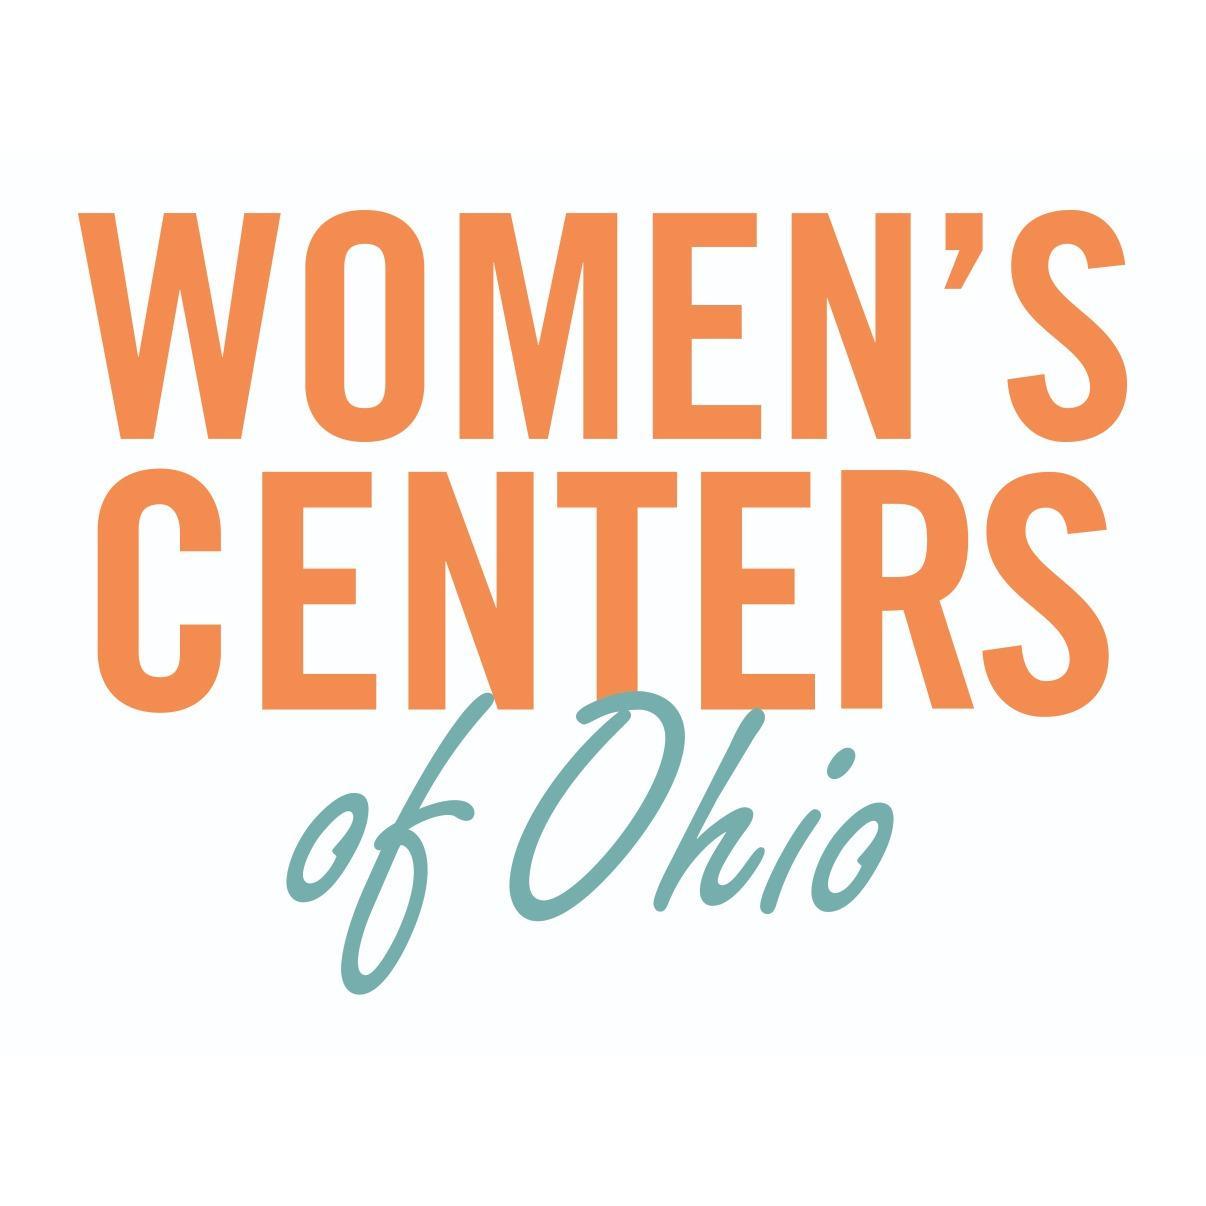 Women's Centers of Ohio